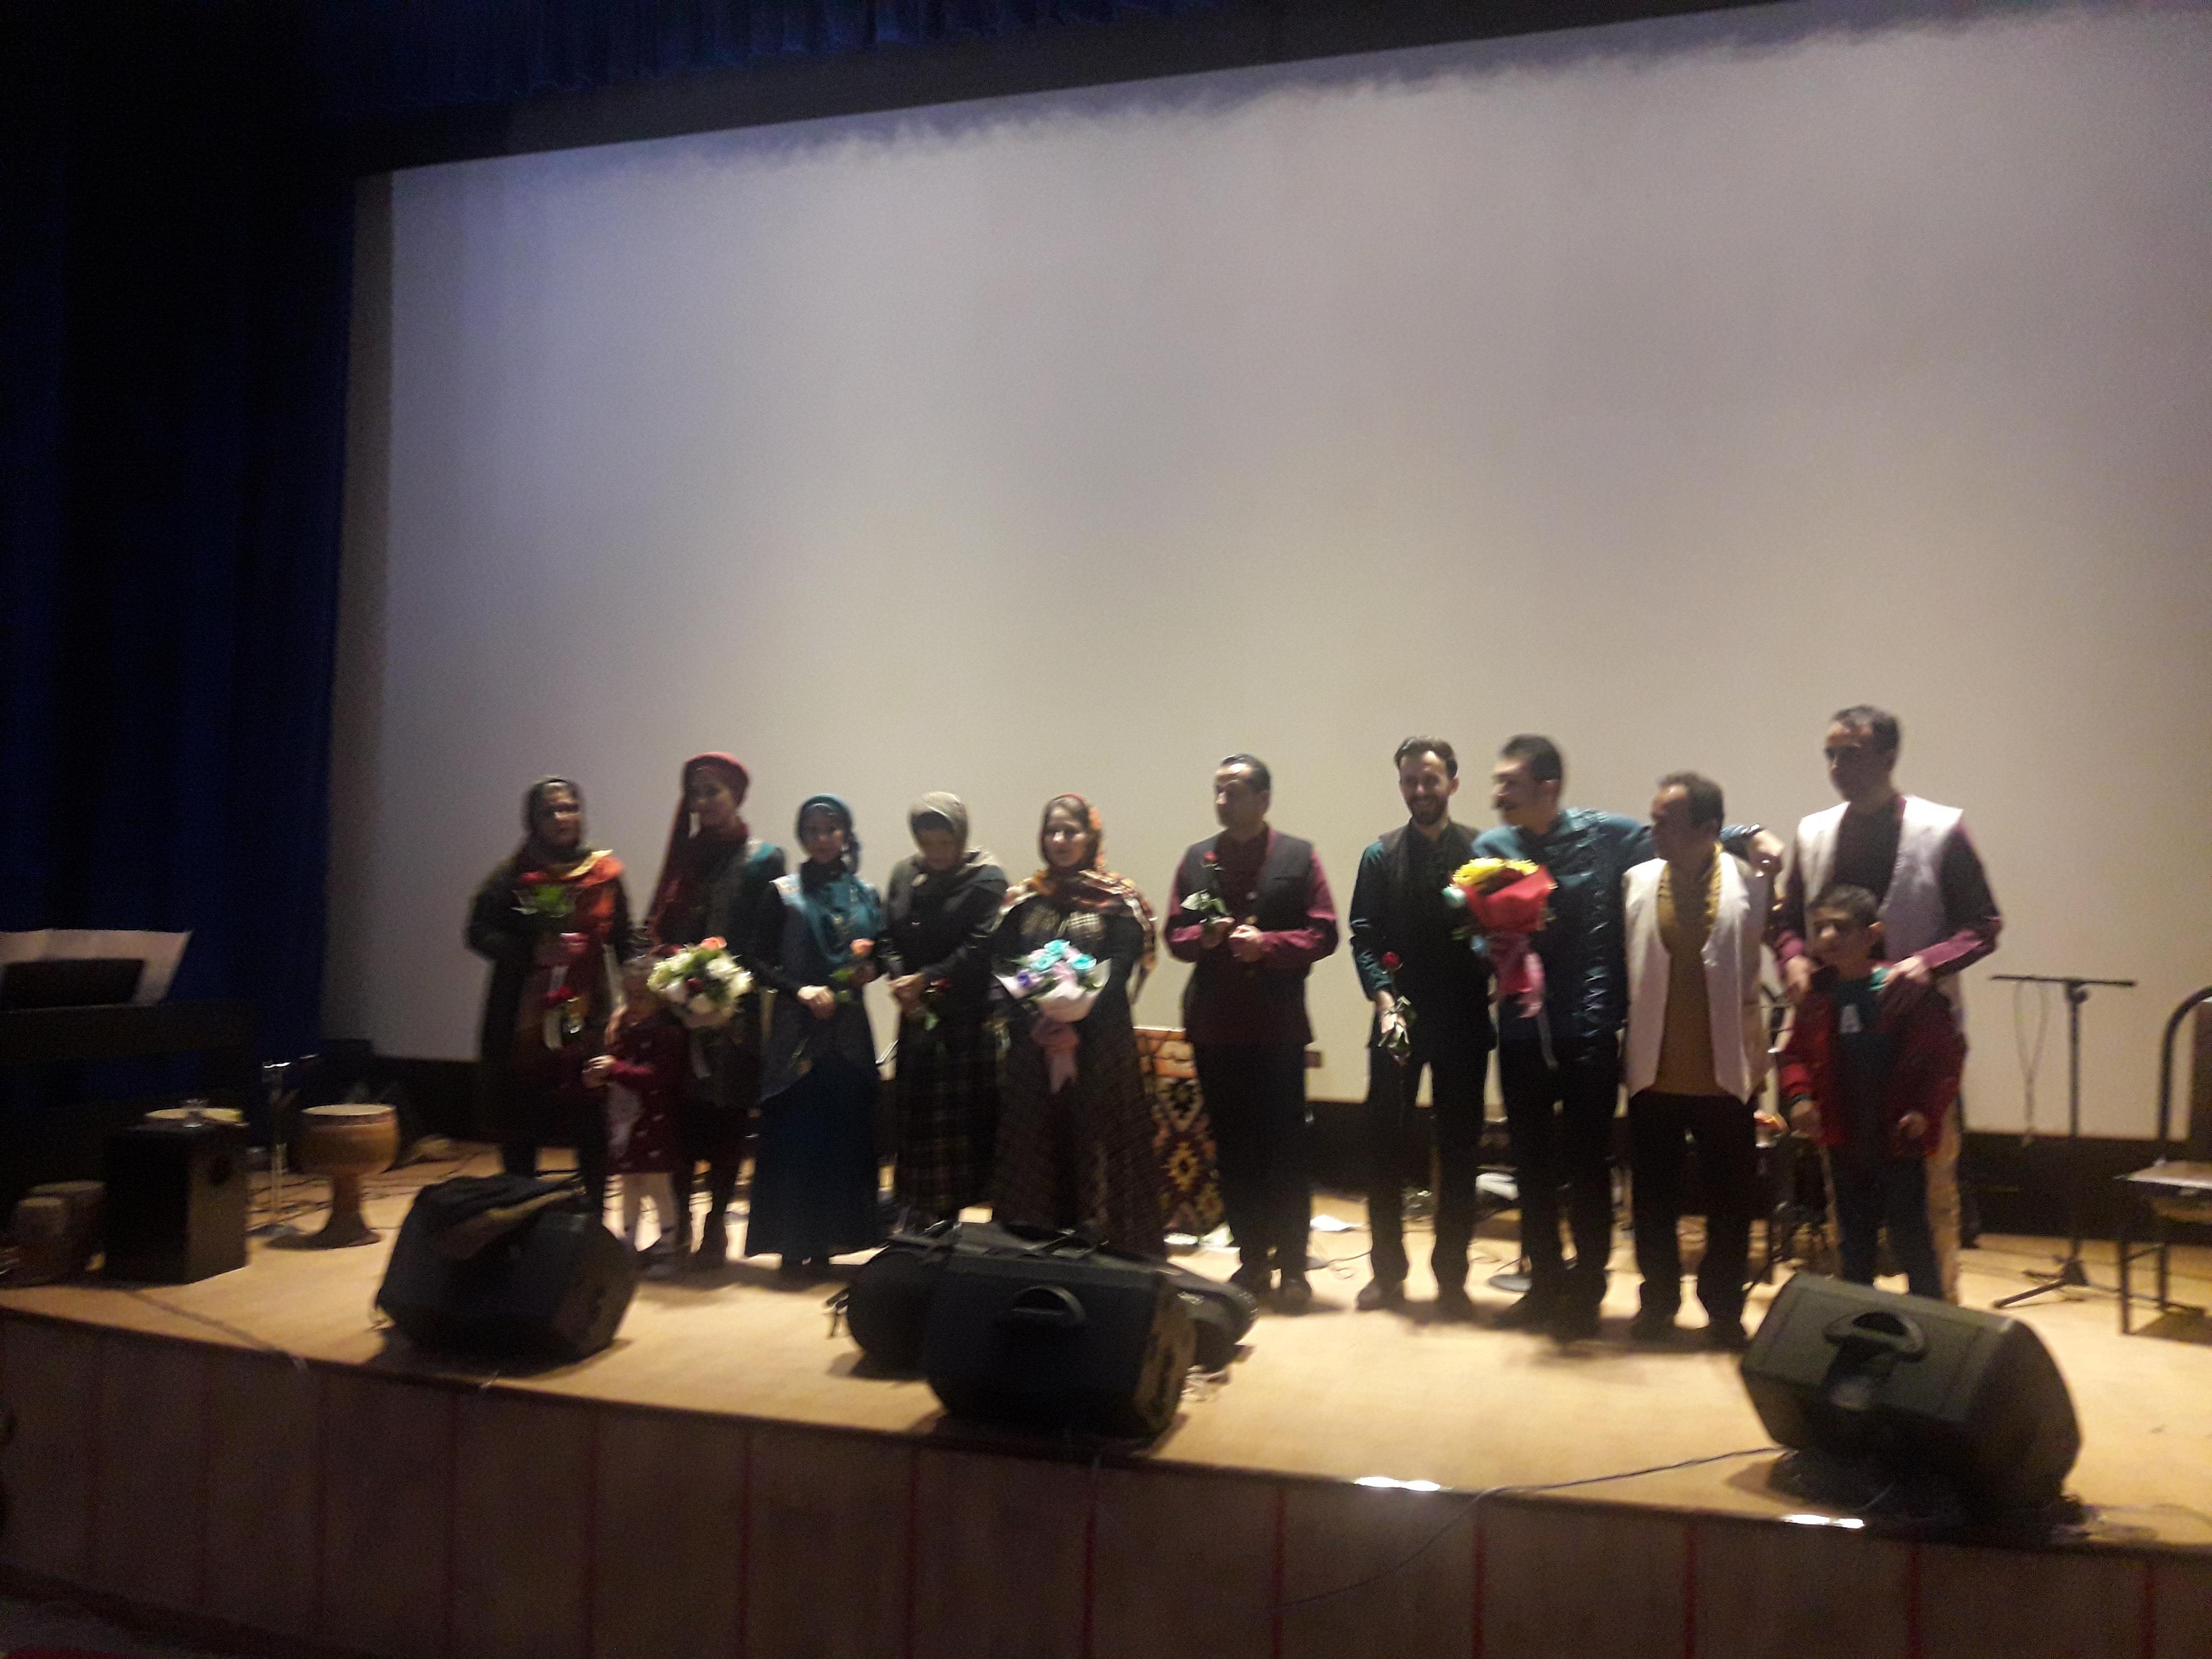 دل نوشته ی نوید احمدی راد؛ مدیرعامل خیریه طلوع سبز گیل بام پیرامون کنسرت خیریه آوای مهر